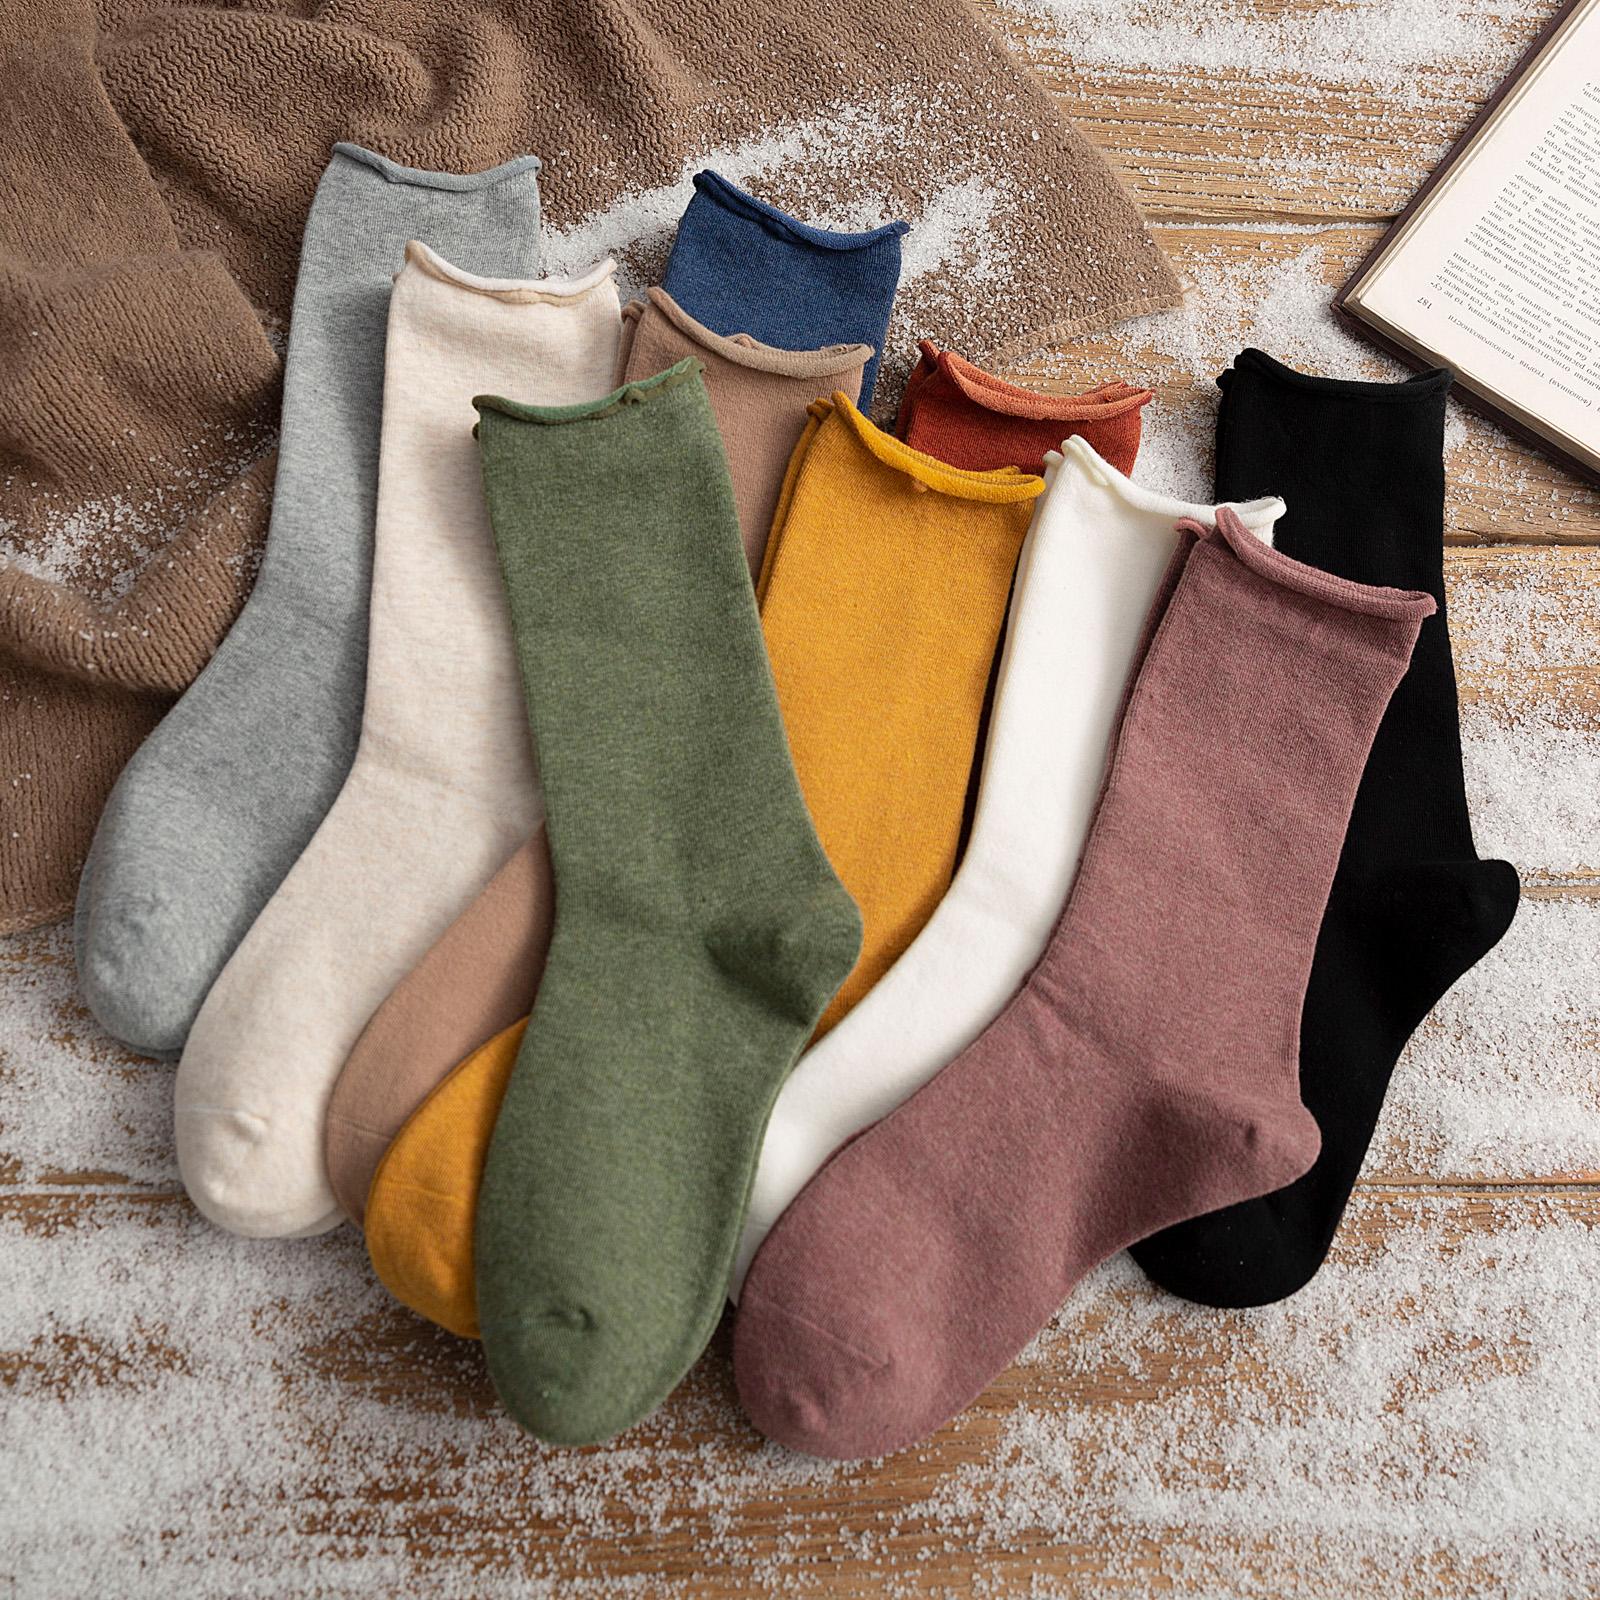 纯色长袜子女中筒袜春秋夏季薄款堆堆袜潮ins韩国日系月子袜长筒